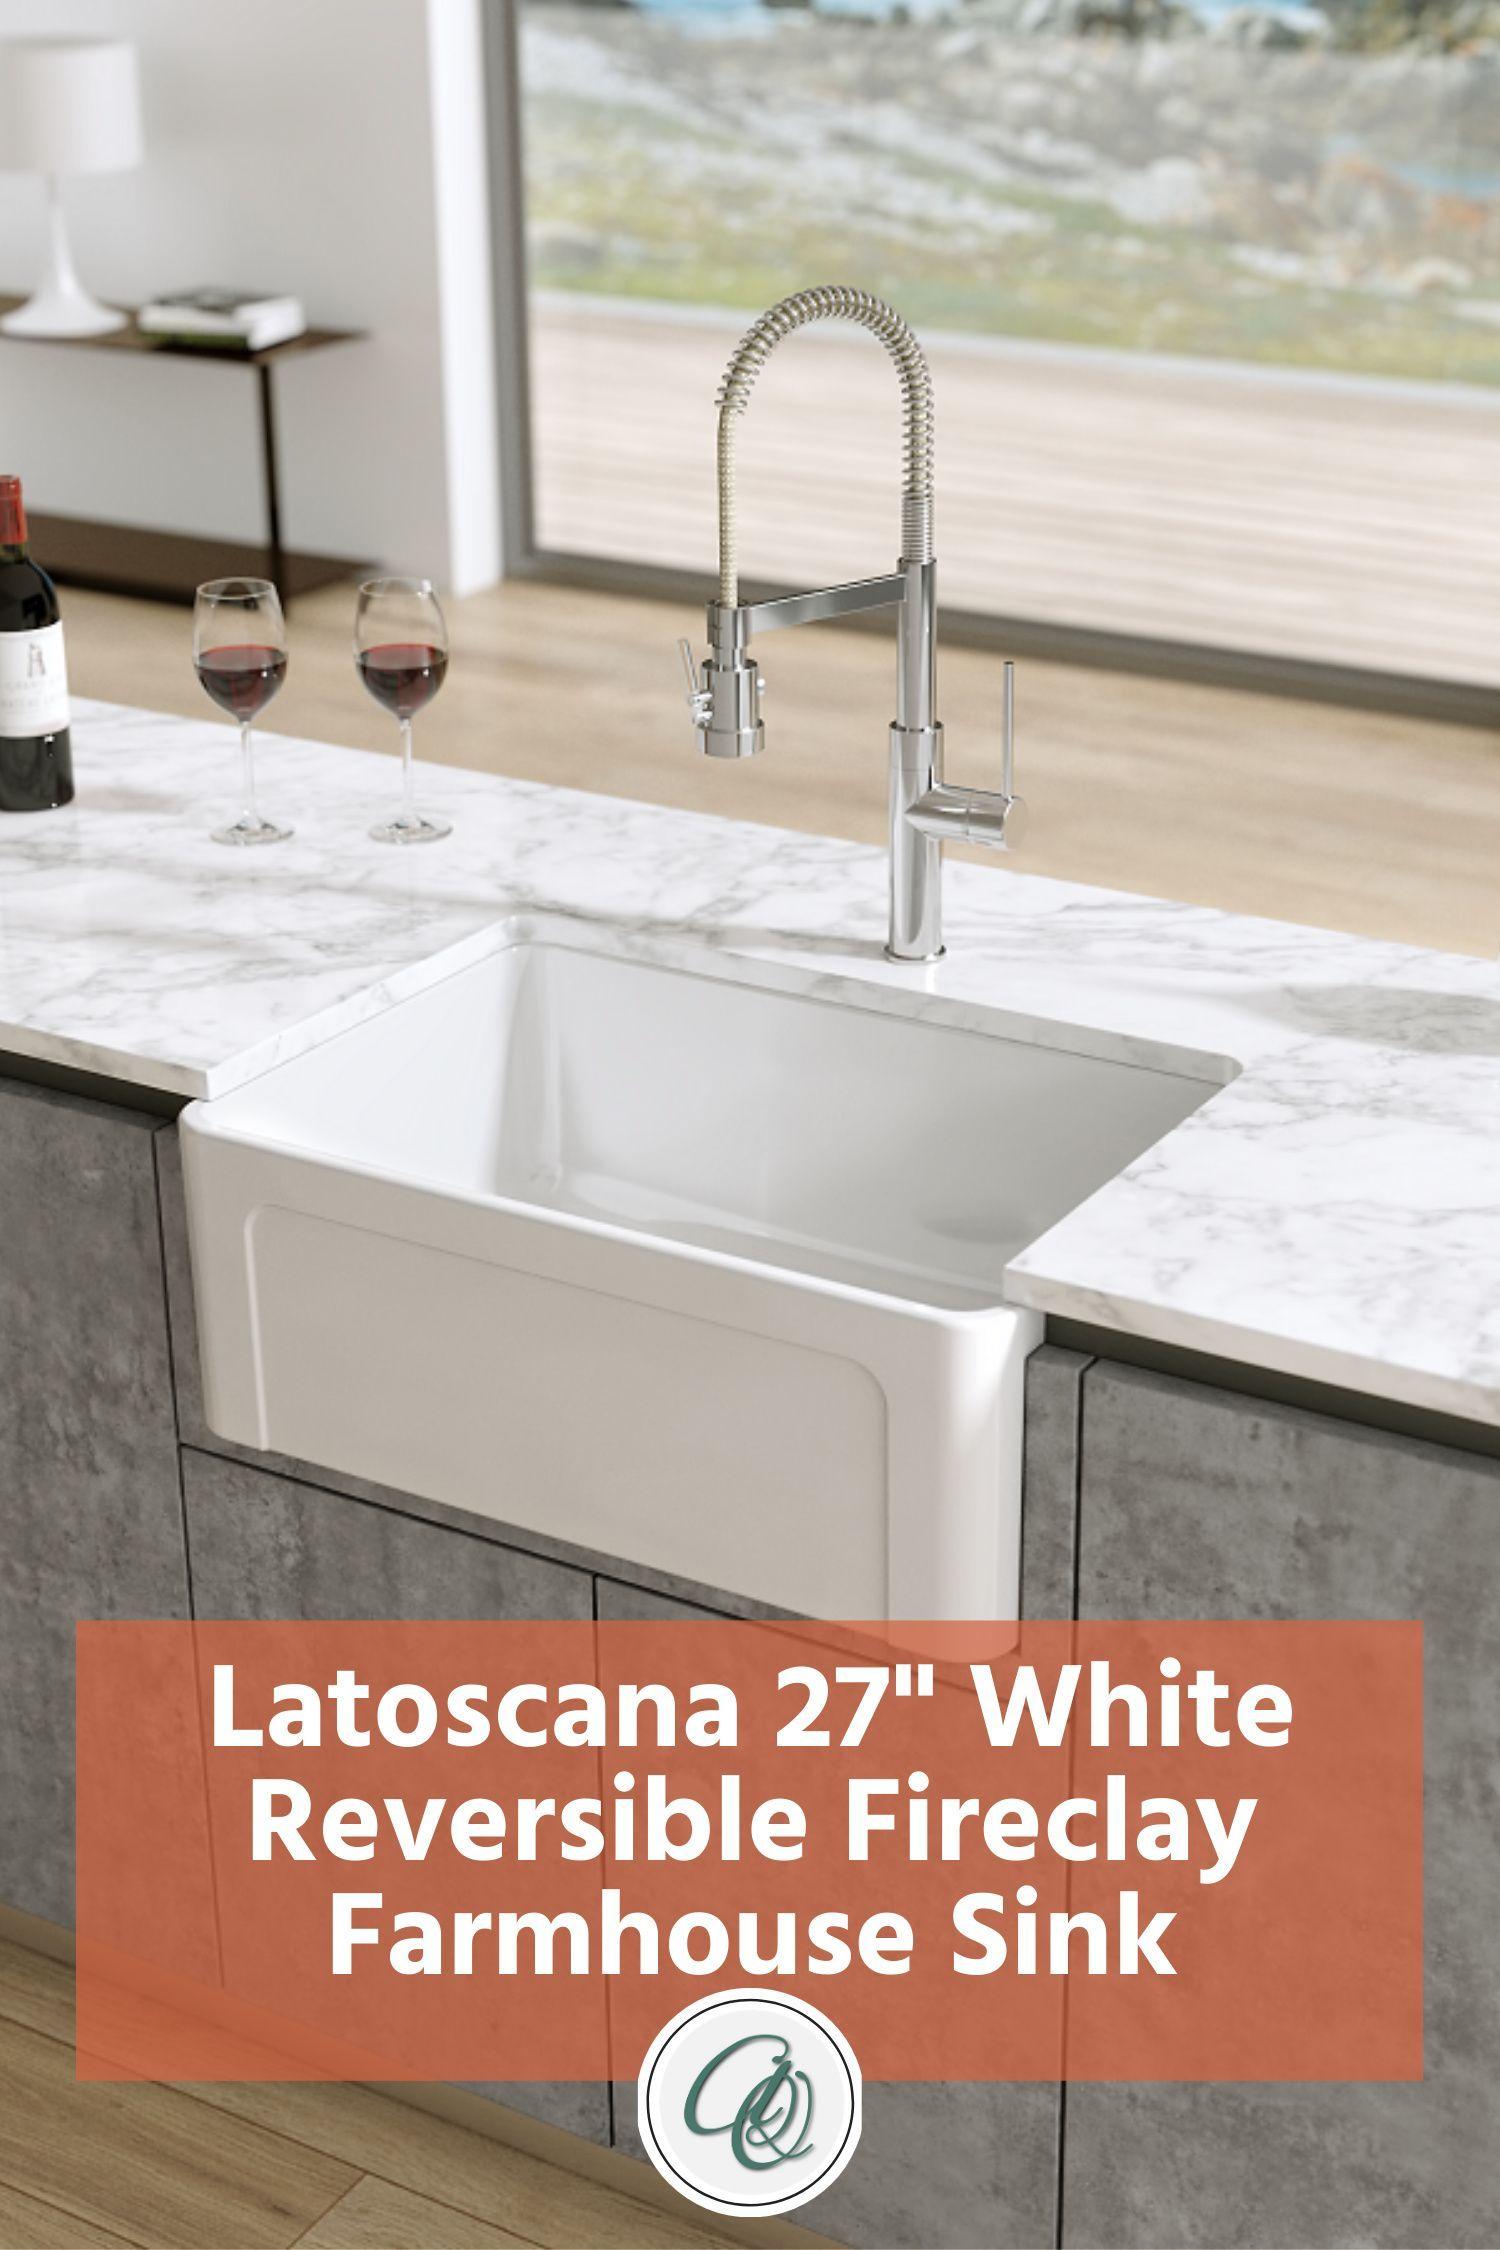 Latoscana Ltw2718w 27 White Fireclay Farmhouse Sink With Reversible Design Farmhouse Sink Fireclay Farmhouse Sink Farmhouse Sink Kitchen